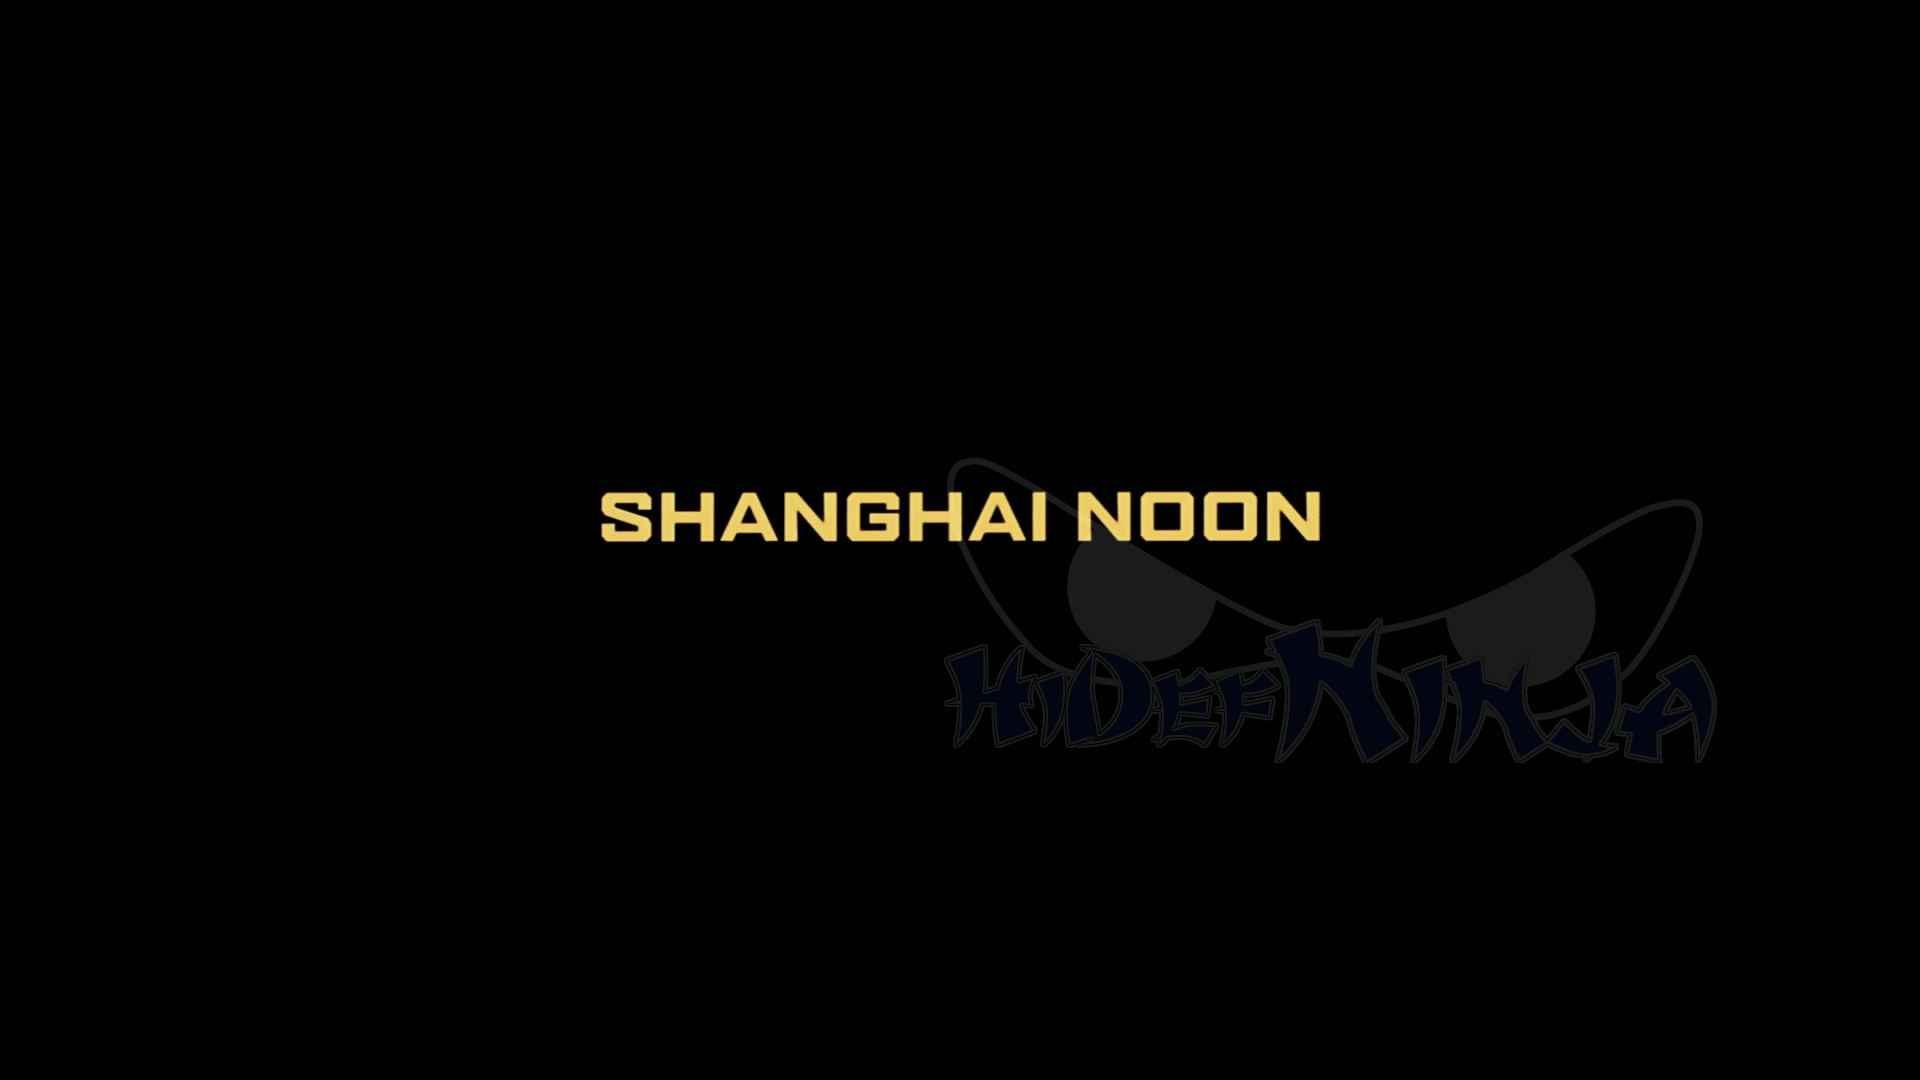 ShanghaiNoon-1